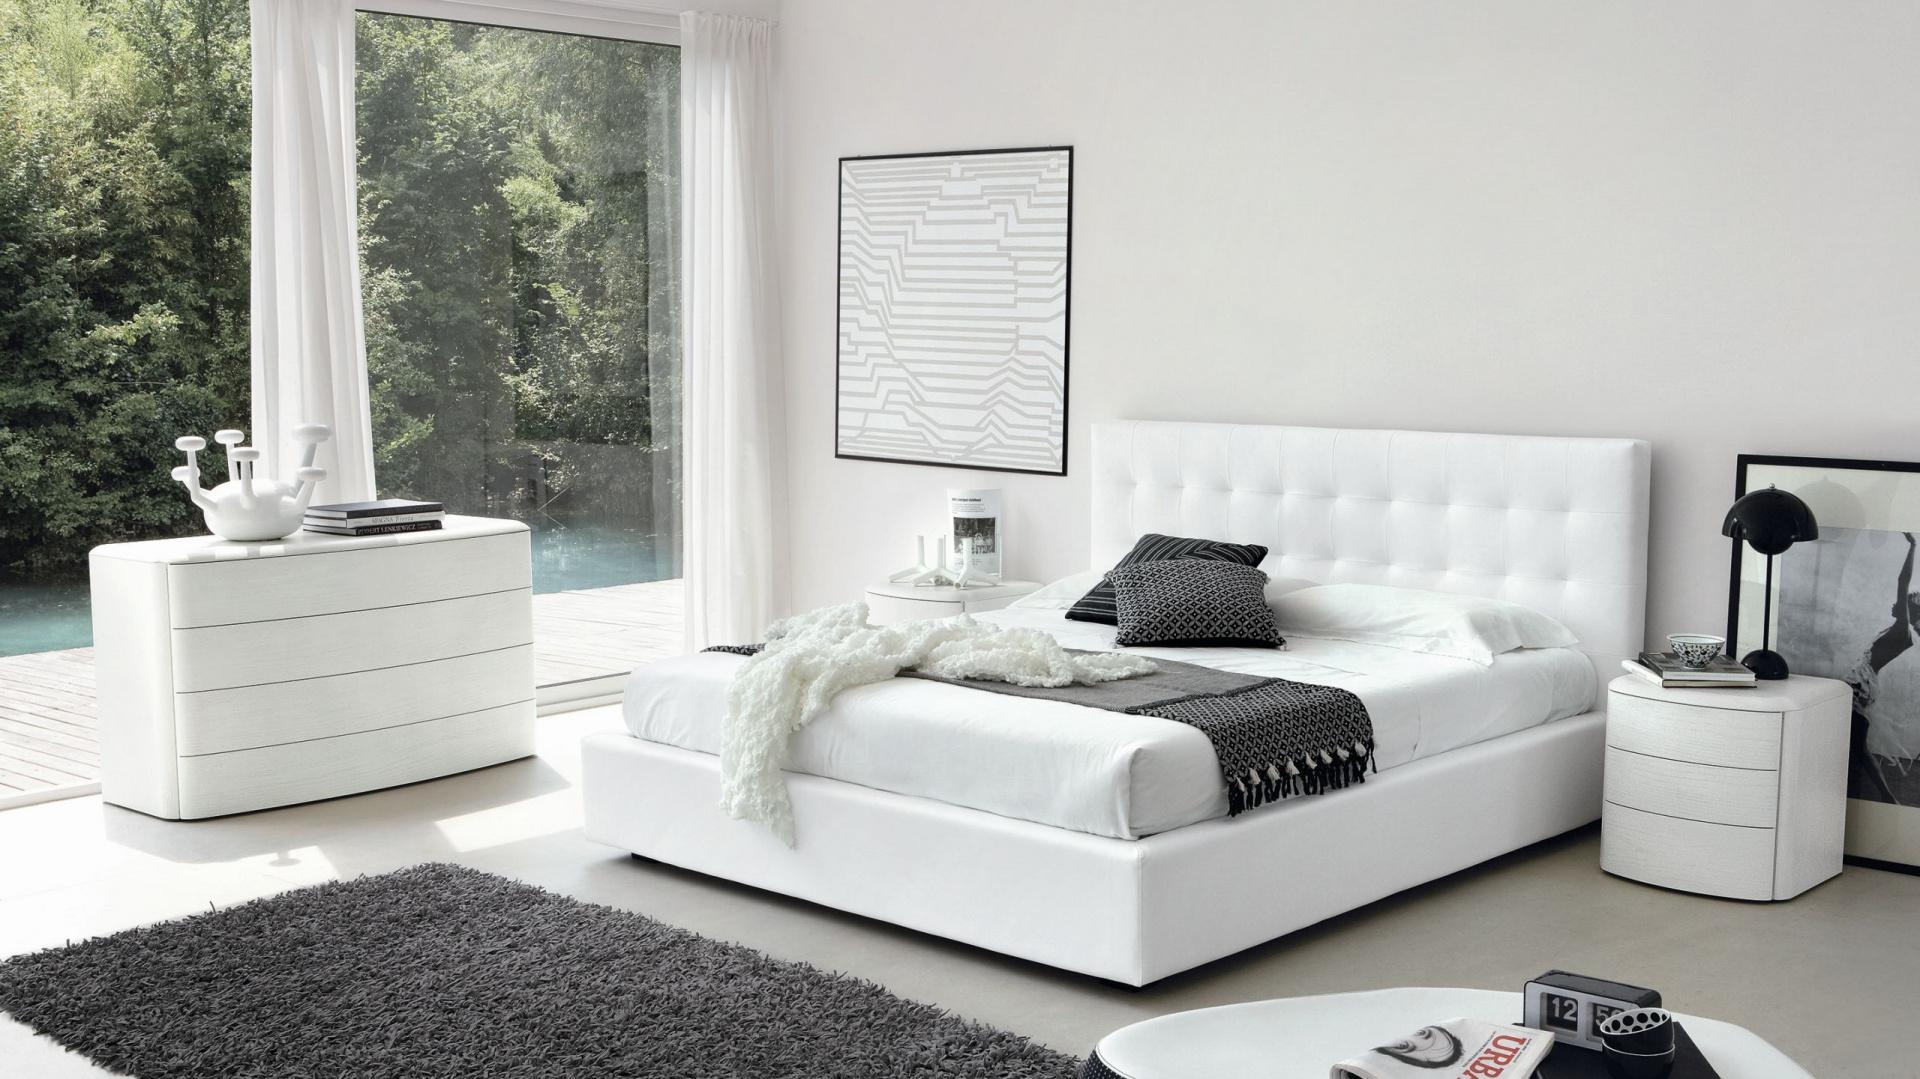 Pomysł na nowoczesną sypialnię w bieli, wzbogaconą o szare elementy. Modne meble o wyrafinowanym kształcie oraz niewielka ilość dekoracji tworzą przestronną, modną aranżację. Fot. Go Modern Furniture.